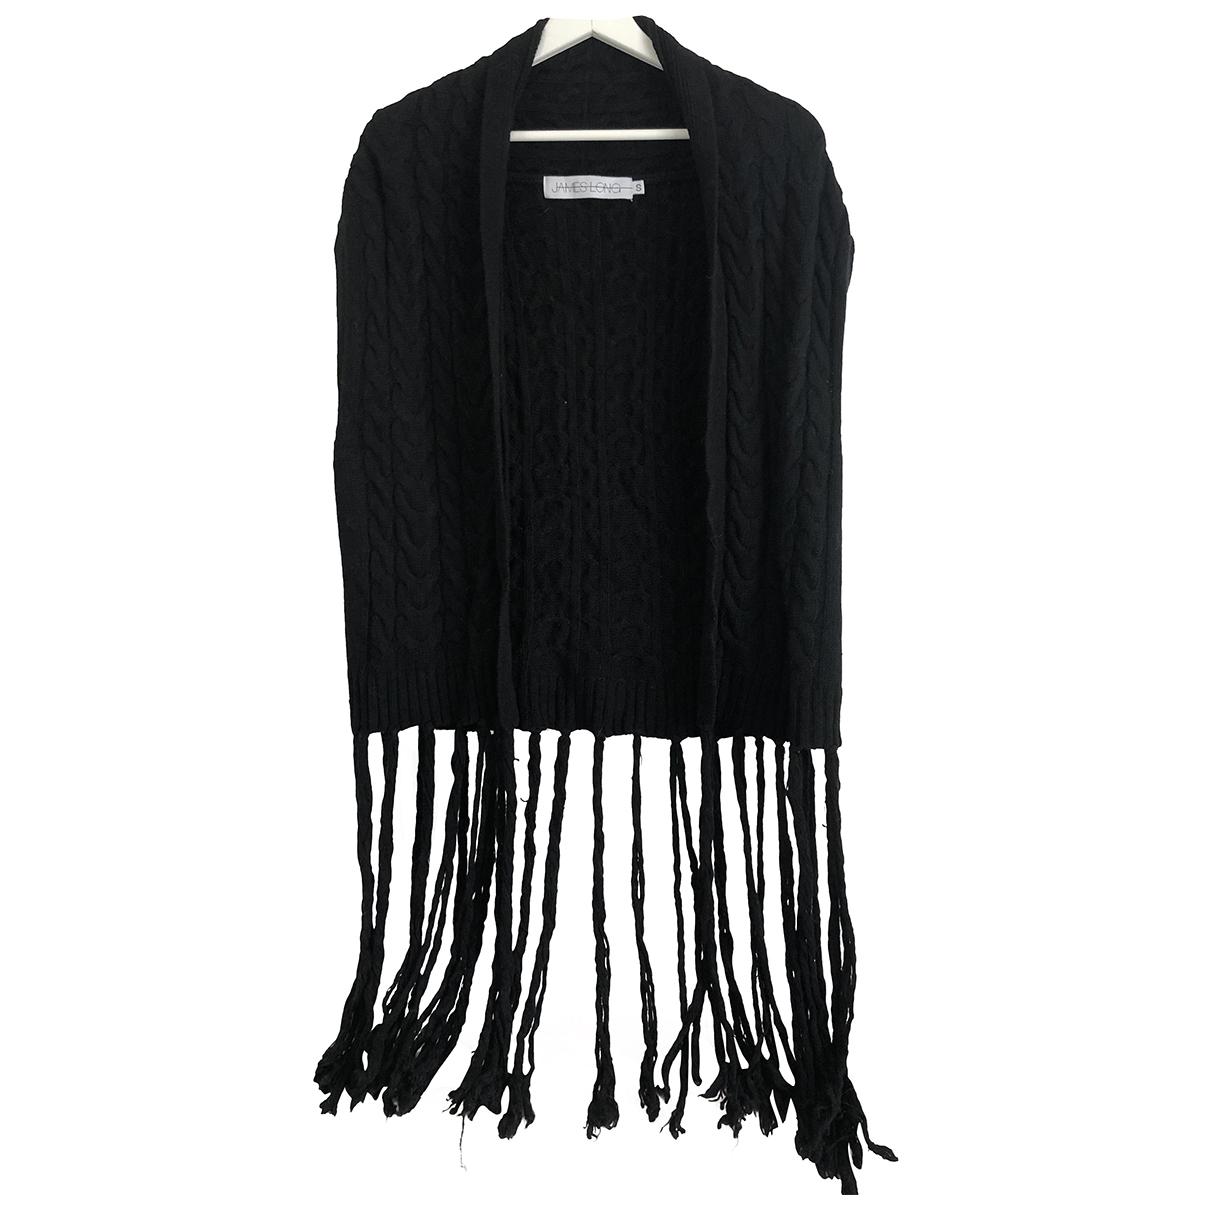 James Long \N Black Knitwear for Women S International